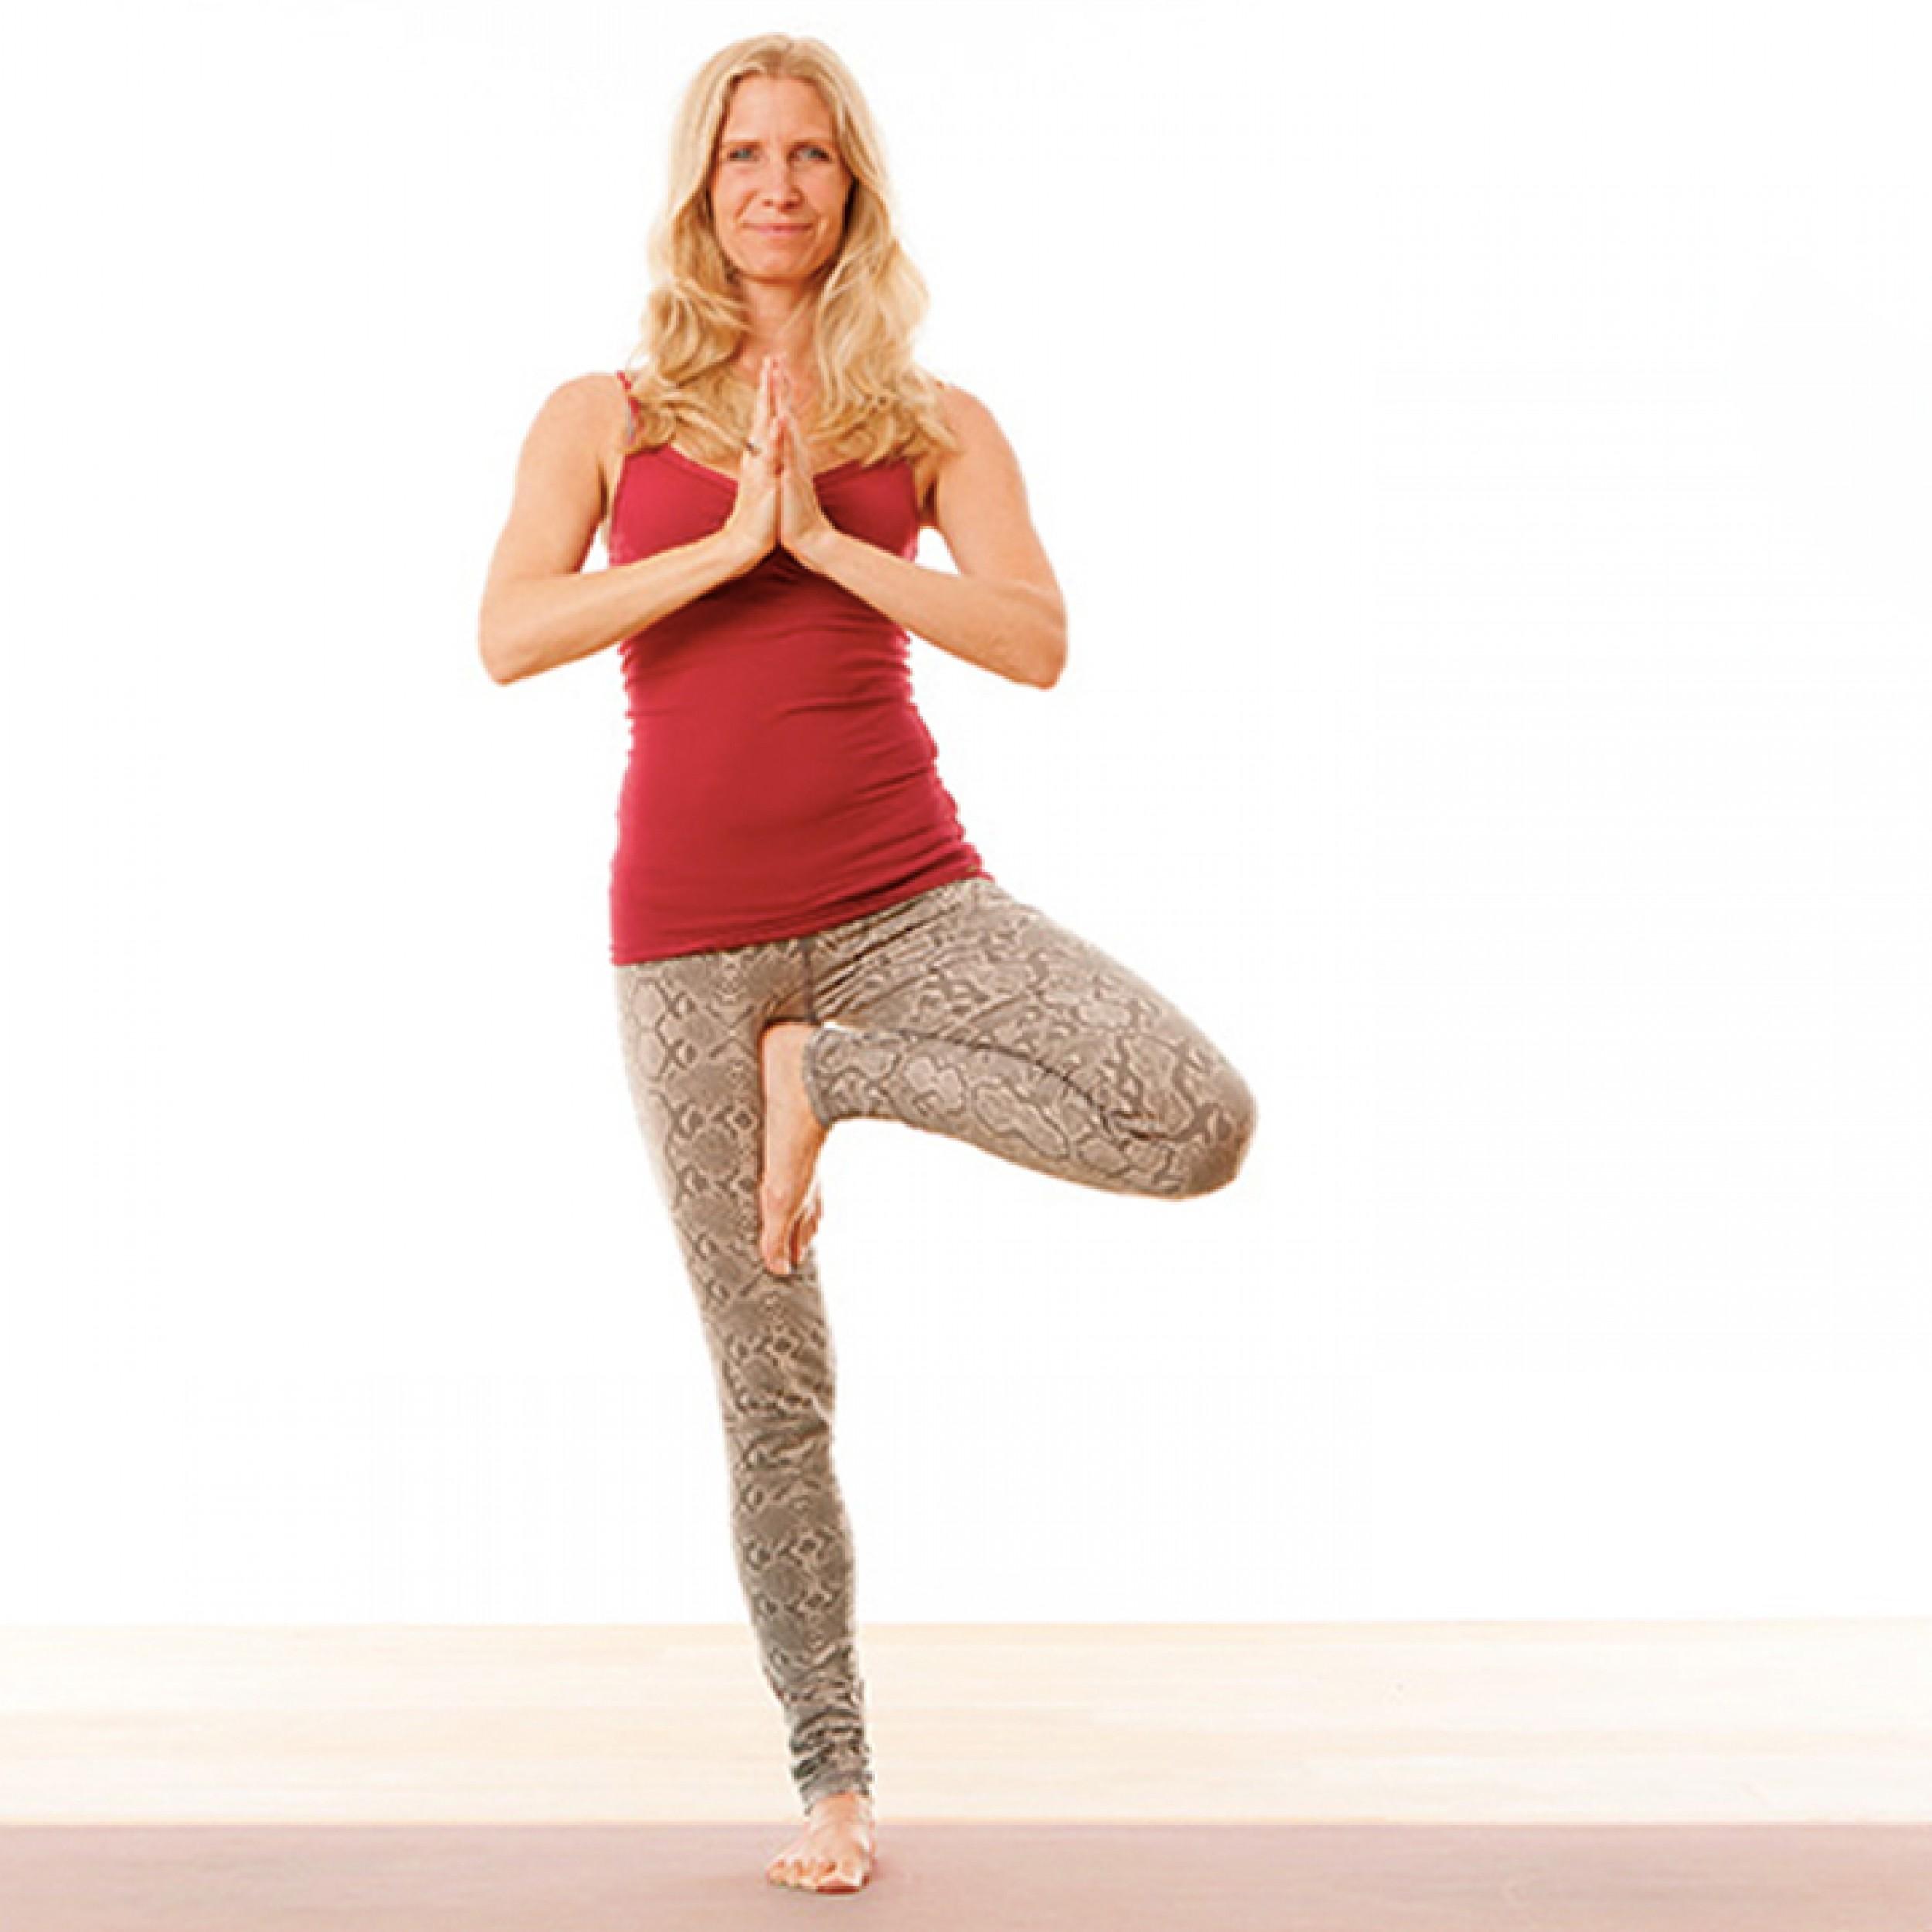 30/30 Yoga Challenge